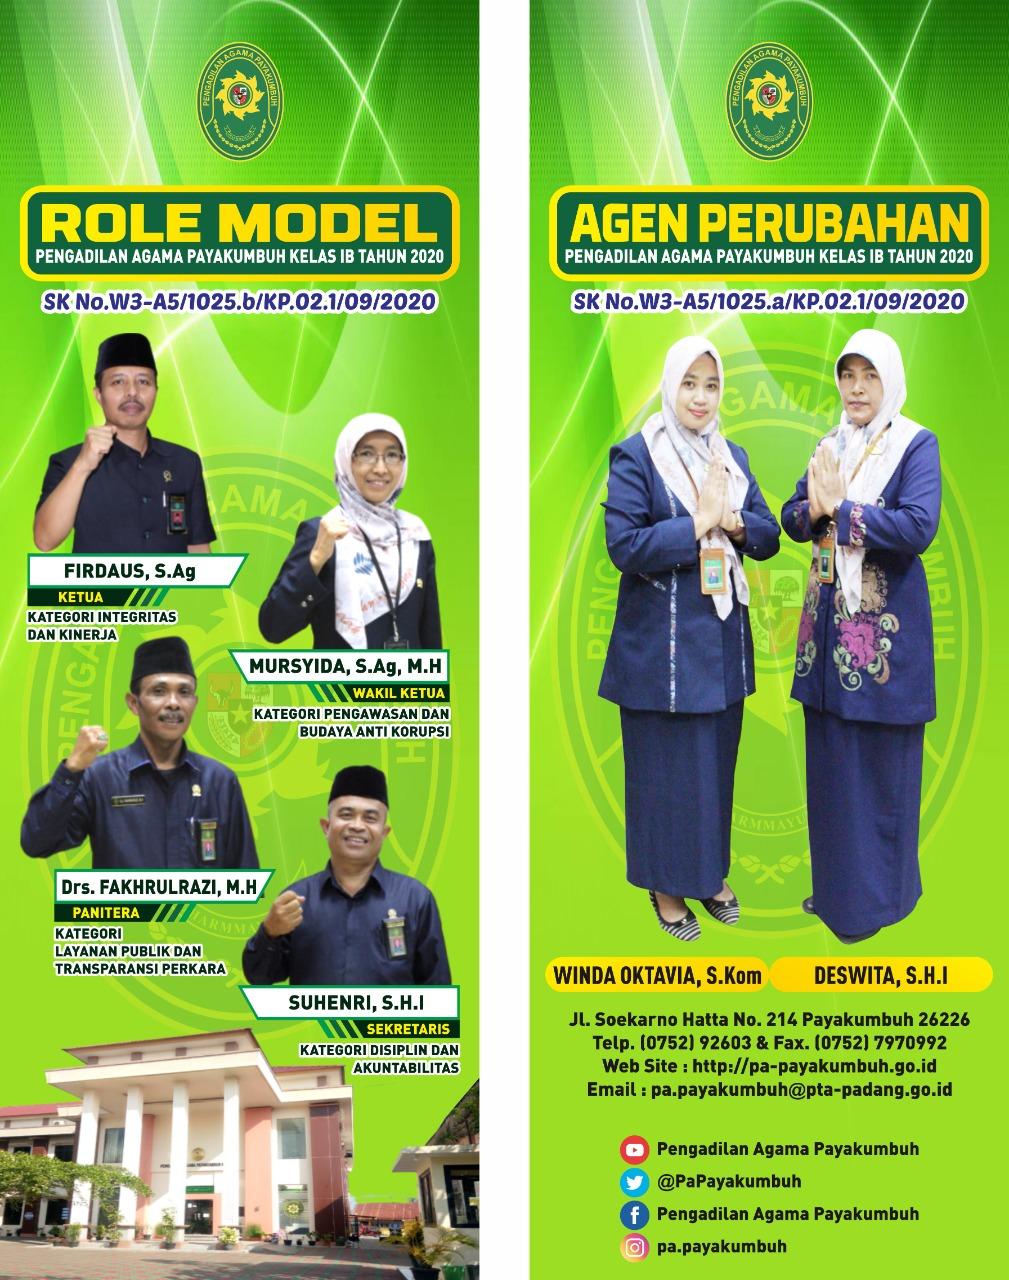 Role Model dan Agent of Change Pengadilan Agama Payakumbuh